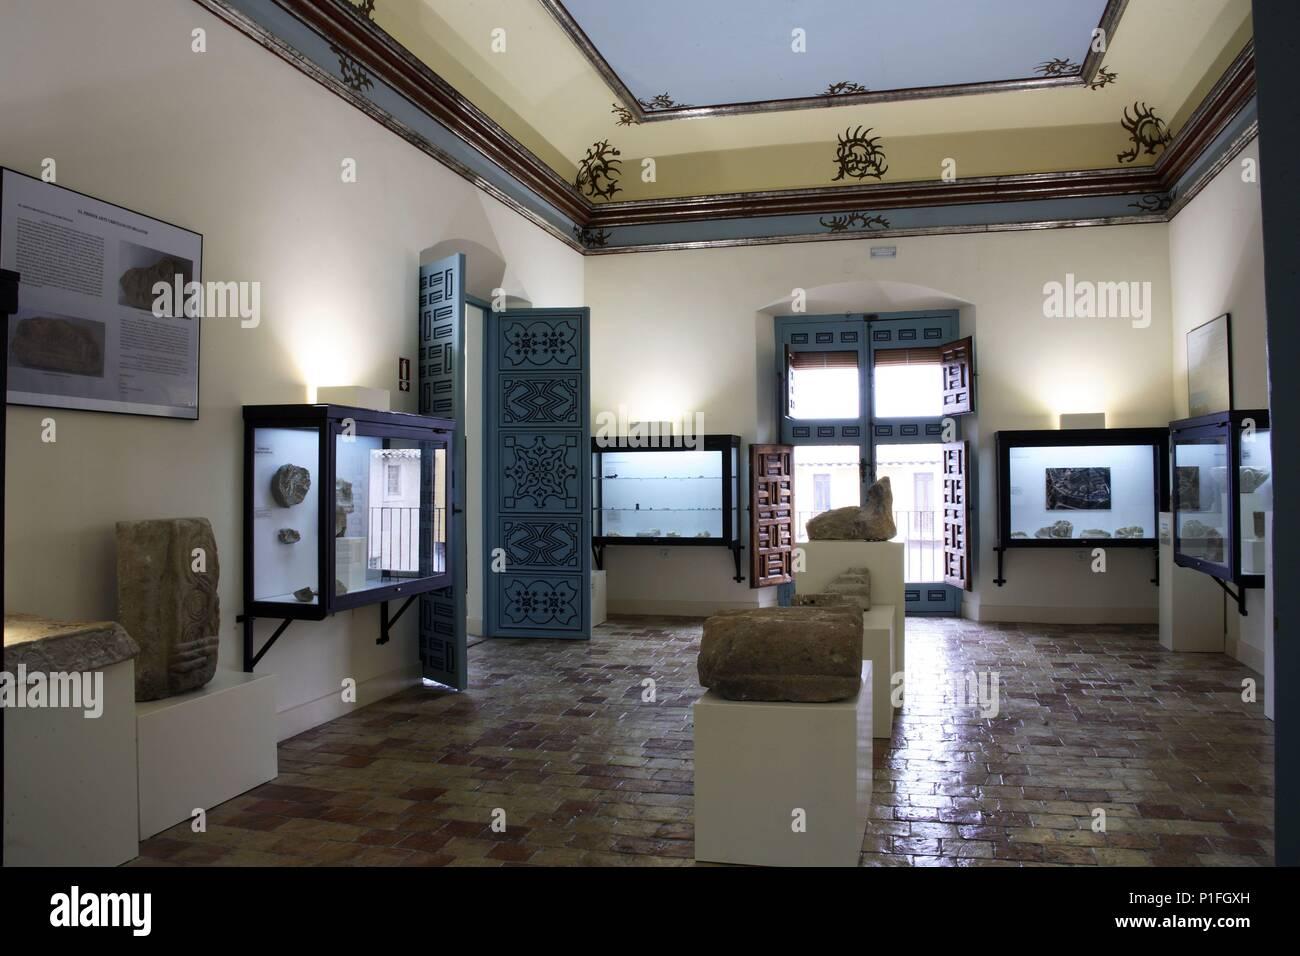 SPAIN - Cuenca de Mula (district) - MURCIA. Cehegín; Museo de Arqueología; sala romano- ibérica en interior del Palacio de los Fajardo (siglo XVIII). - Stock Image